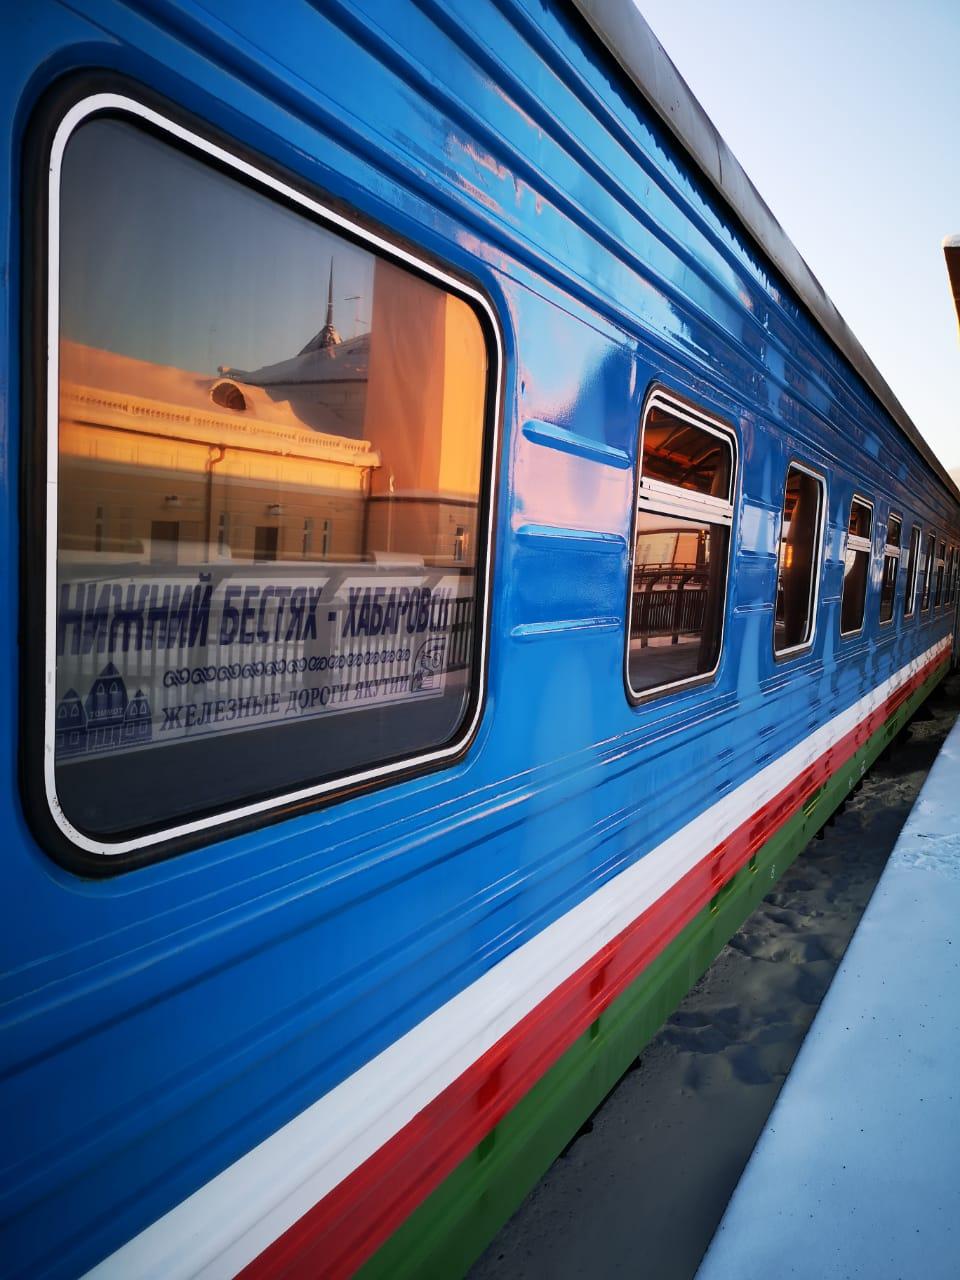 Из Нижнего Бестяха начнет курсировать плацкартный вагон беспересадочного сообщения до Хабаровска